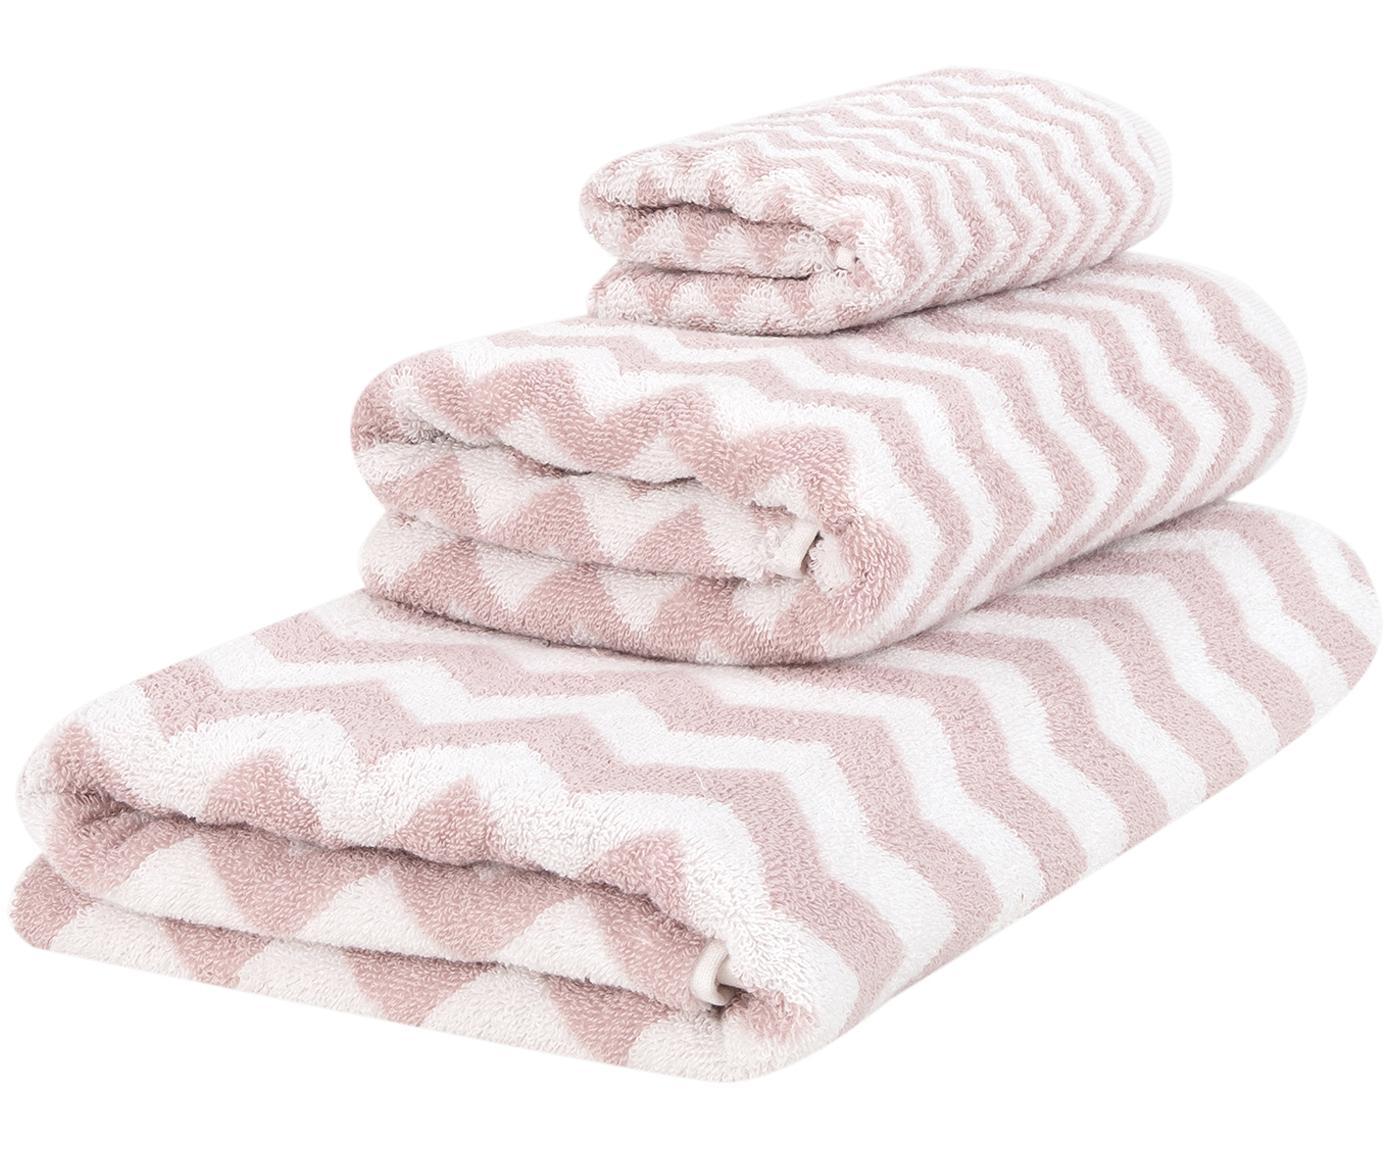 Handdoekenset Liv, 3-delig, 100% katoen, middelzware kwaliteit, 550 g/m², Roze, crèmewit, Verschillende formaten